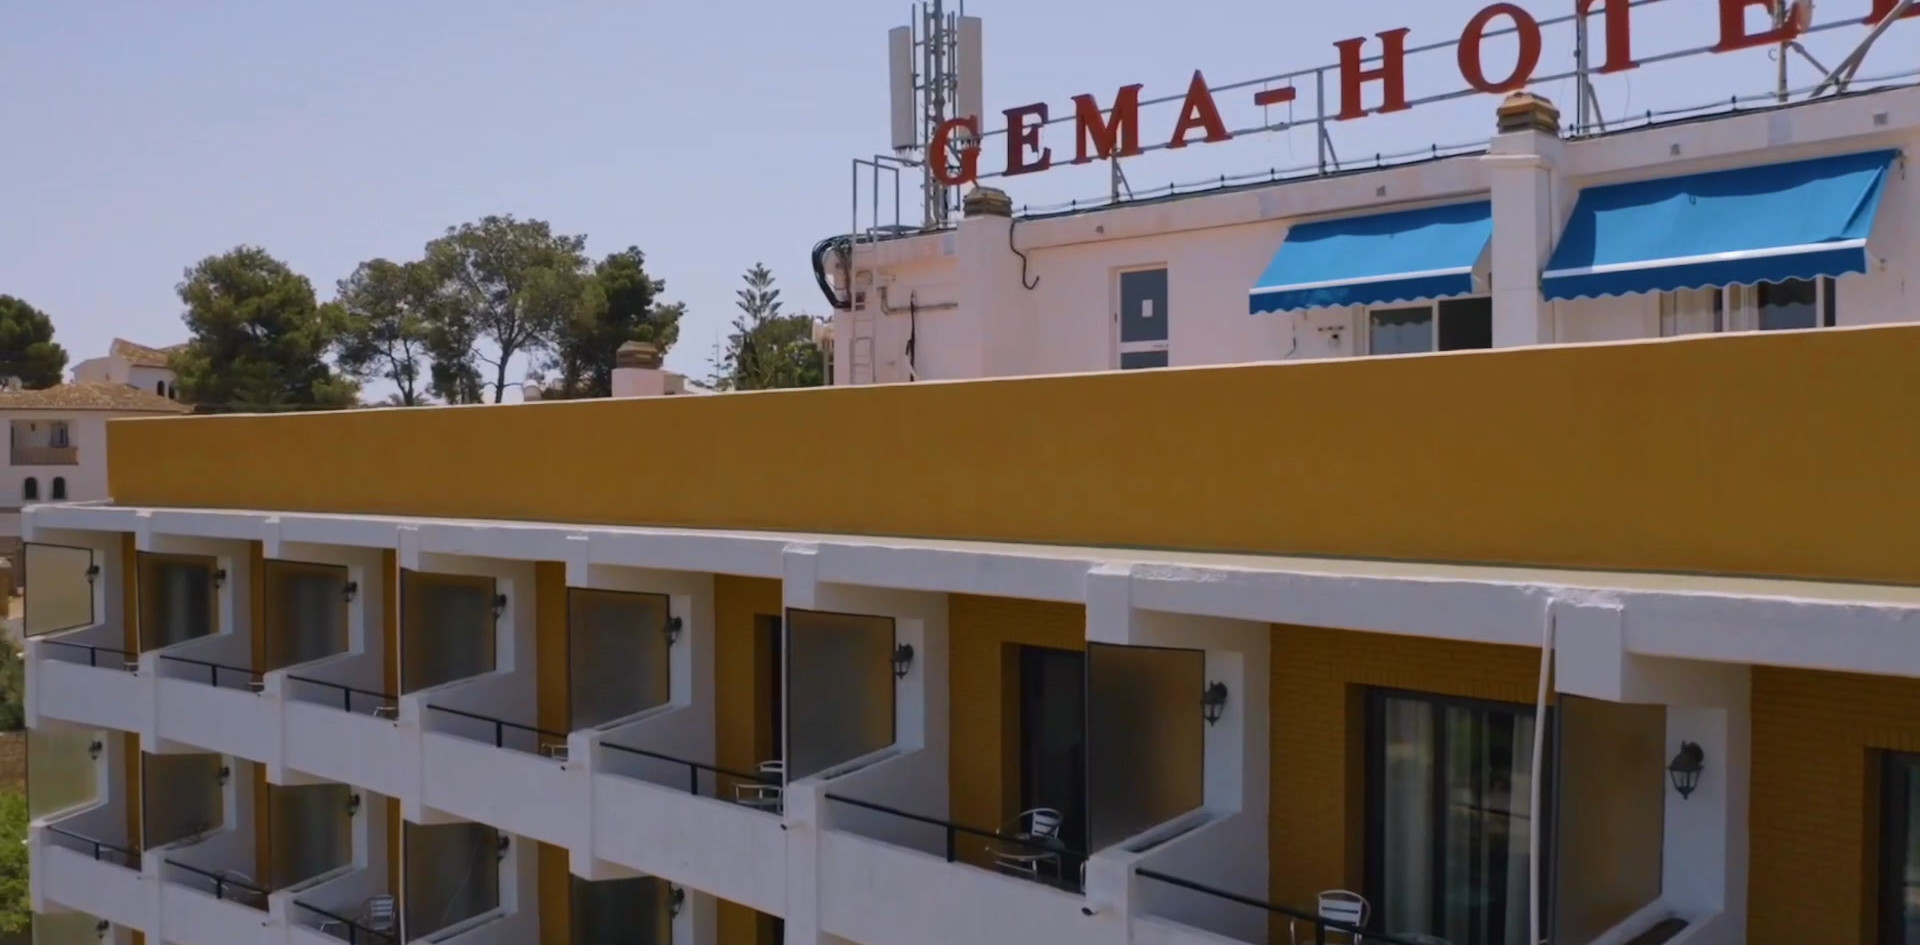 HOTEL GEMA.m4v